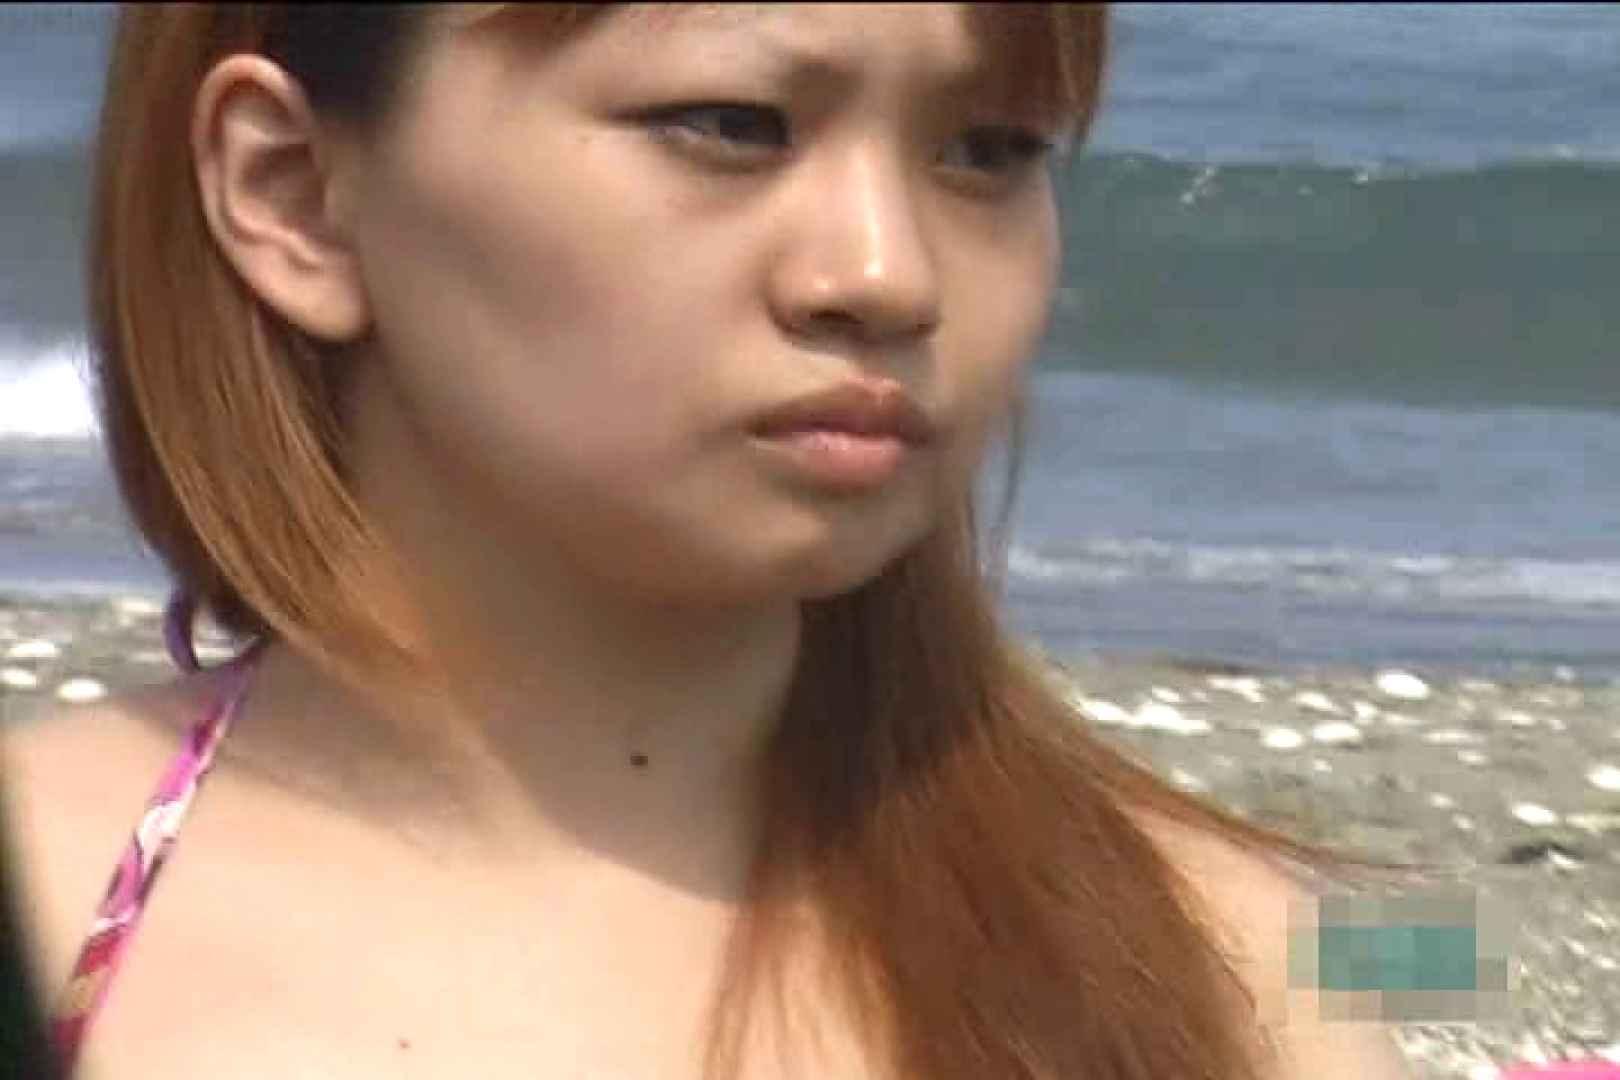 真夏のビーチは危険地帯Vol.3 エロティックなOL セックス無修正動画無料 79画像 17